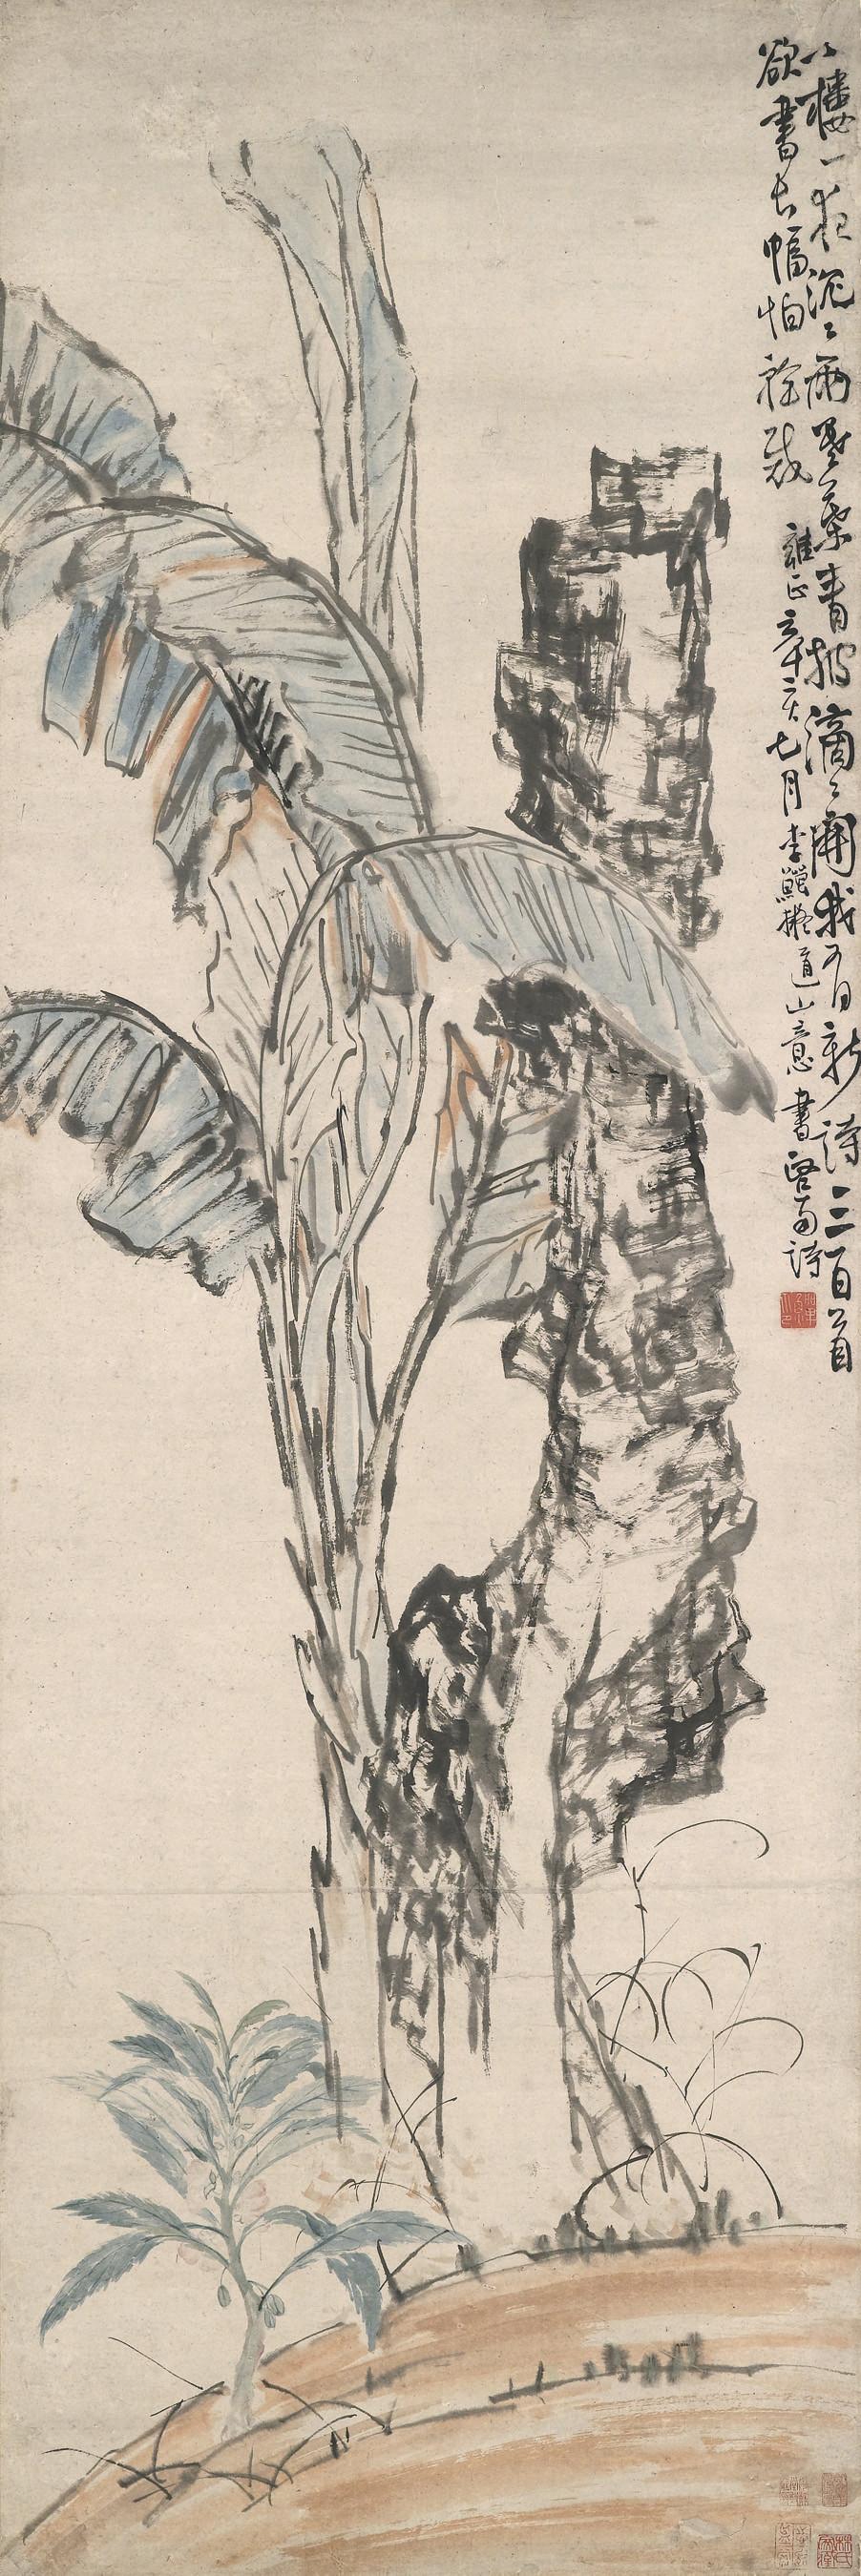 LI SHAN ((1686-1756)